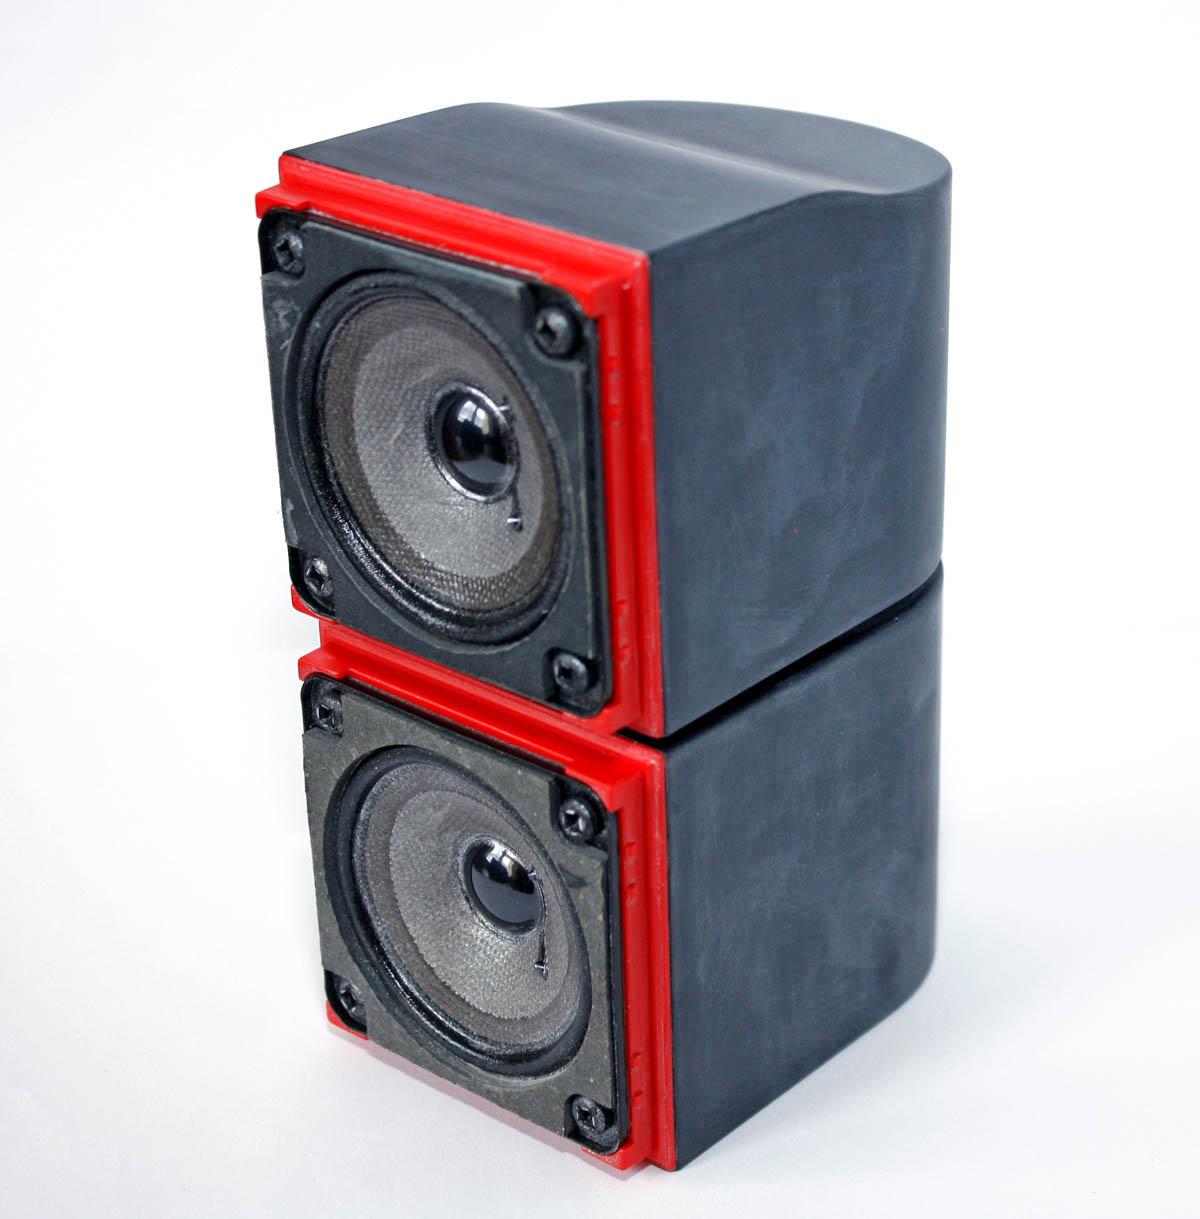 bose acoustimass cube redline doppelcube satellit lautsprecher speaker. Black Bedroom Furniture Sets. Home Design Ideas